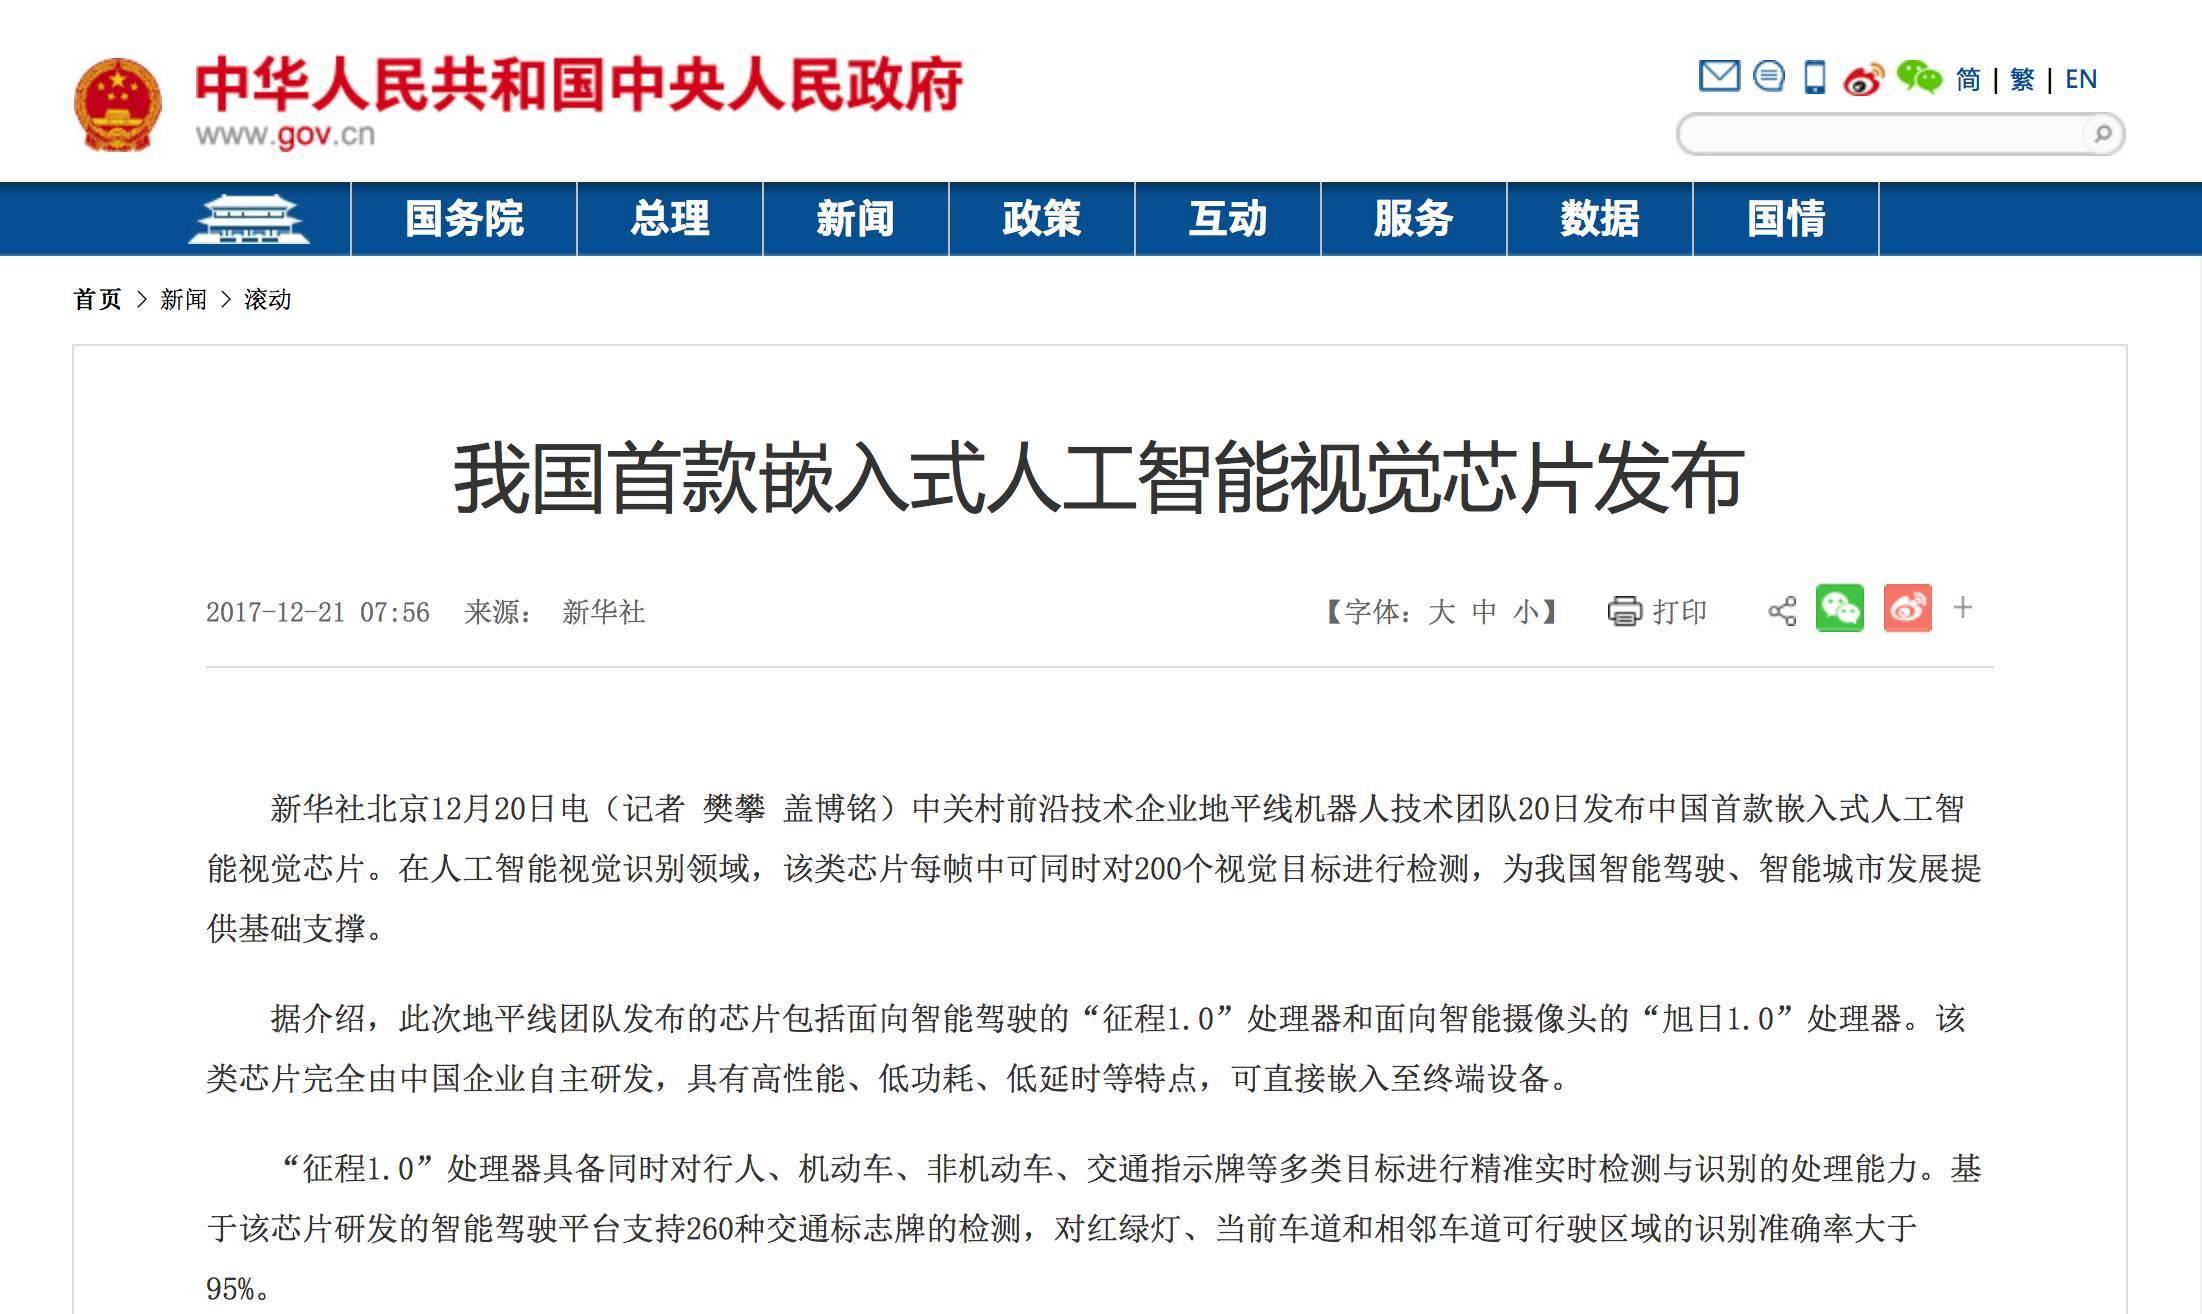 """地平线AI""""中国芯""""发布,人民日报、新华社等媒体聚焦报道"""